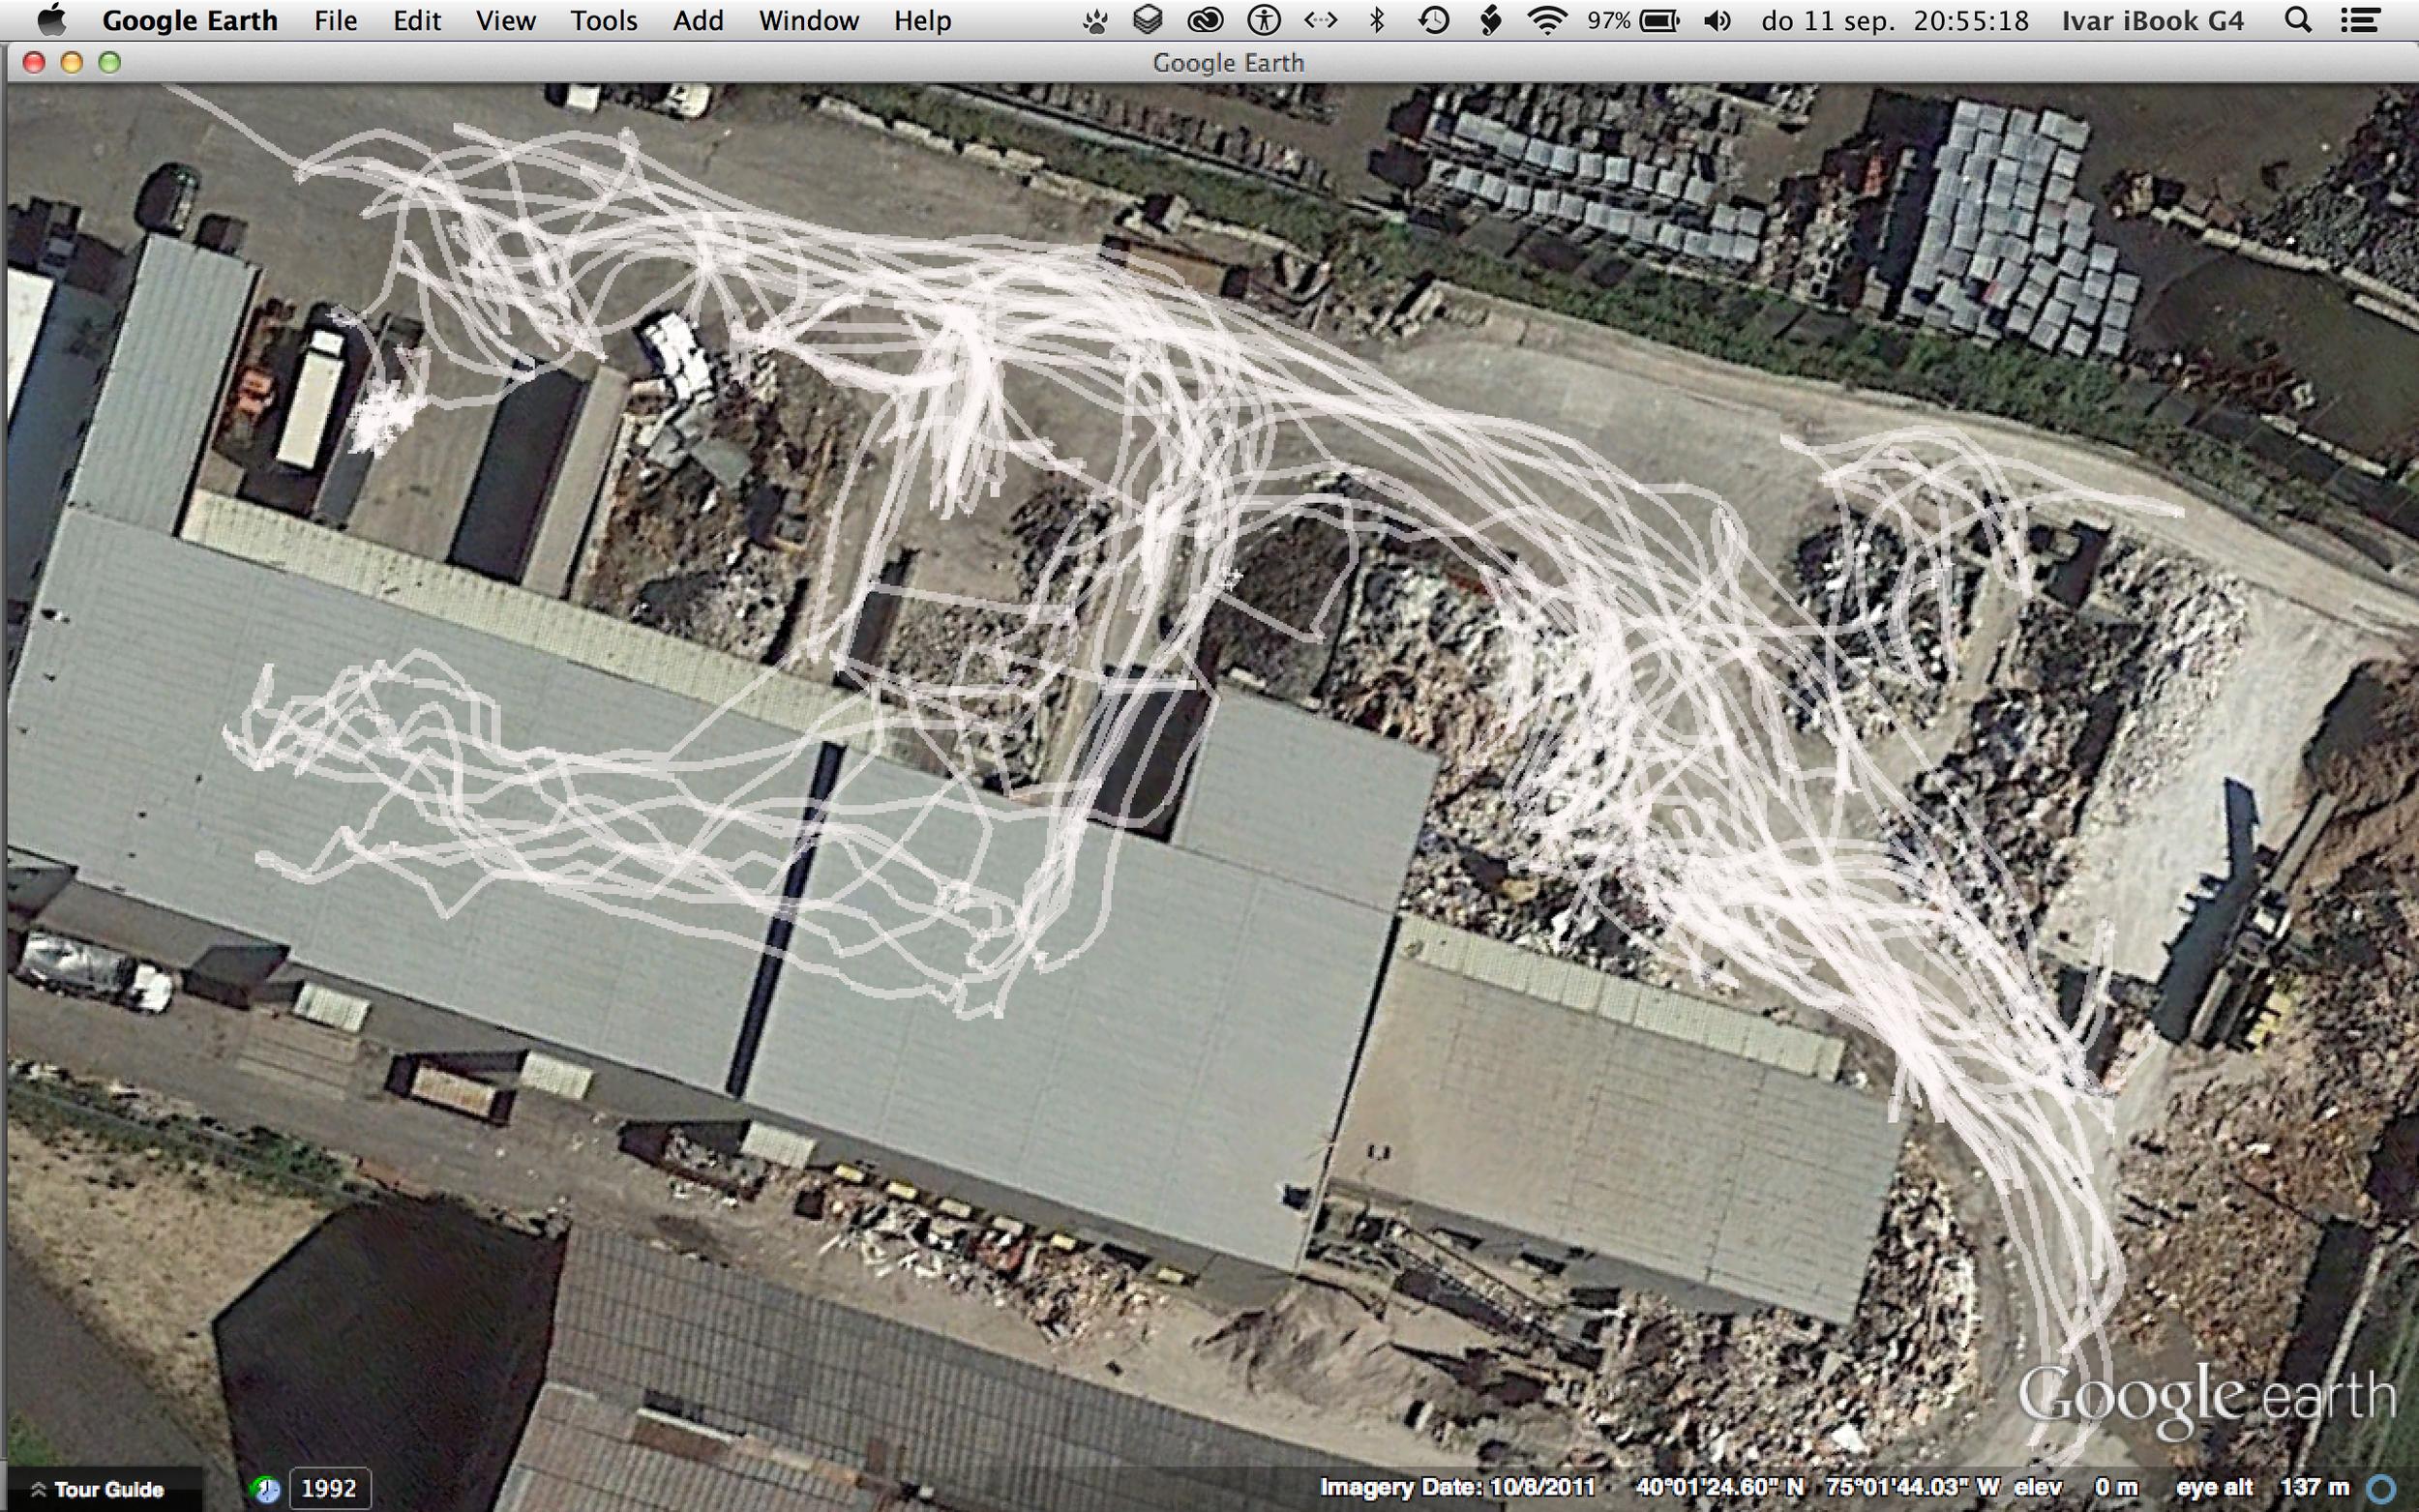 Screen Shot 2014-09-11 at 20.55.18.png